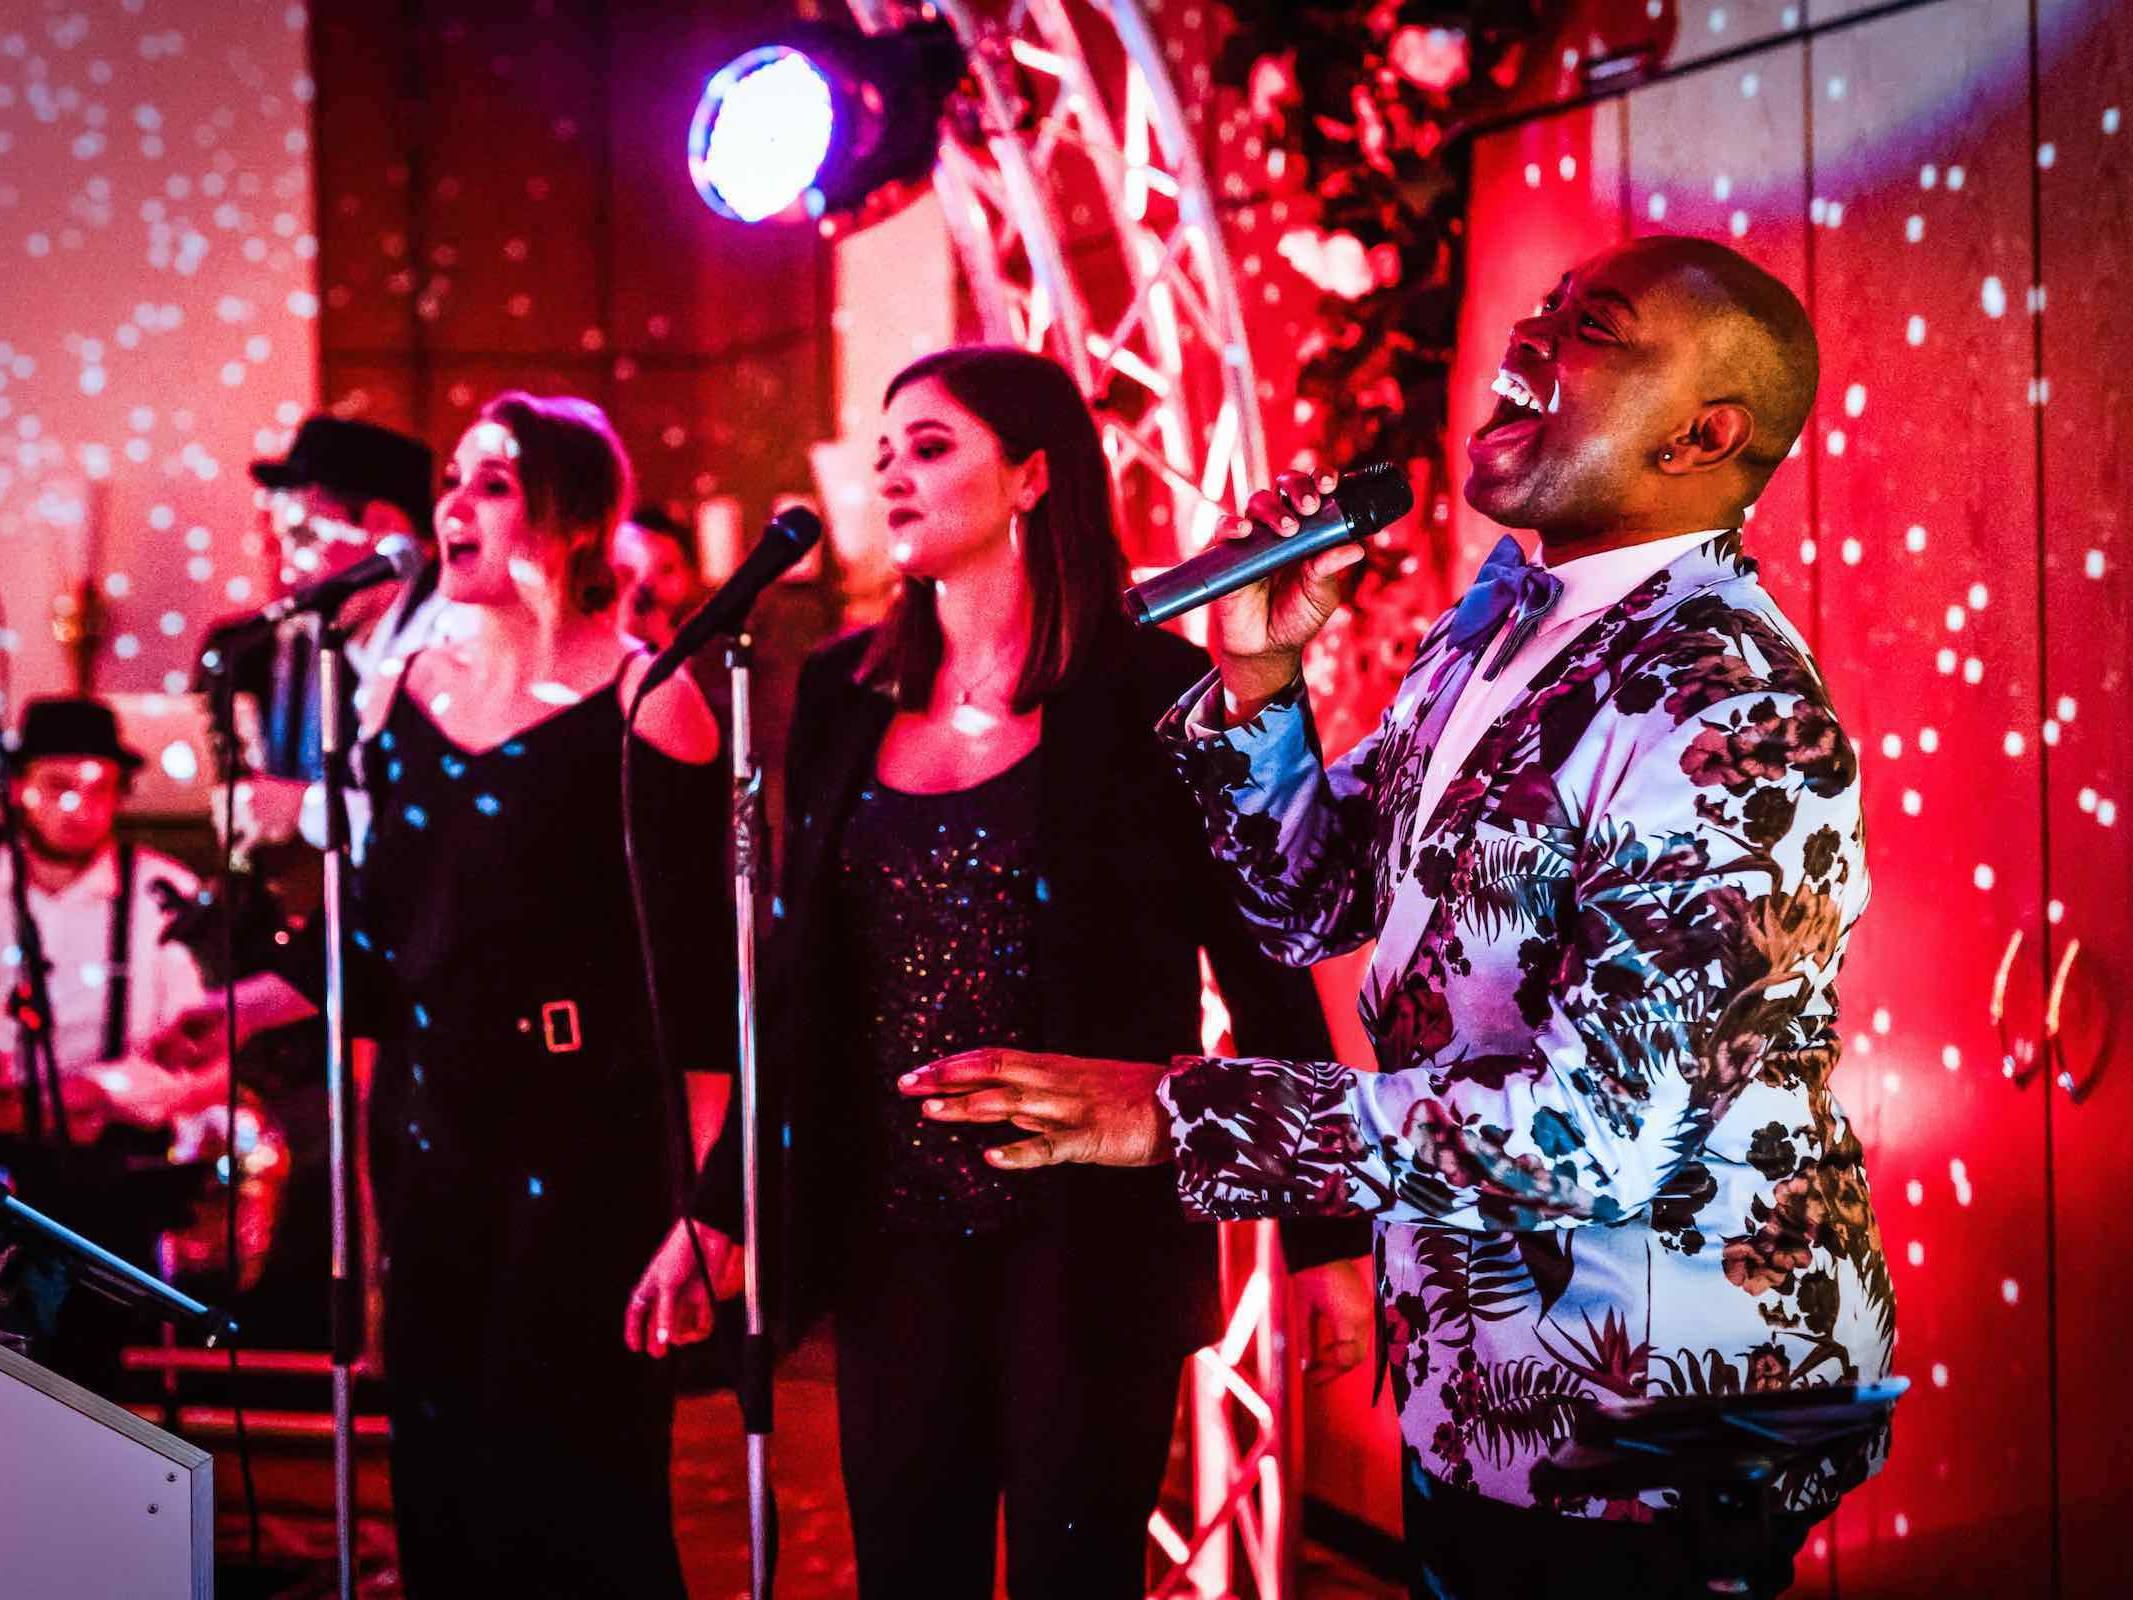 Band   Hamburg   Liveband   Partyband   Jazzband   Swingband   Lounge   Pop   Jazz   Sänger   Hochzeit   Standesamt   Trauung   Messe   Firmenfeier   Charity   Gala   Buchen   Mieten   Anfragen   Modern   Jukes   Hamburgfeiert